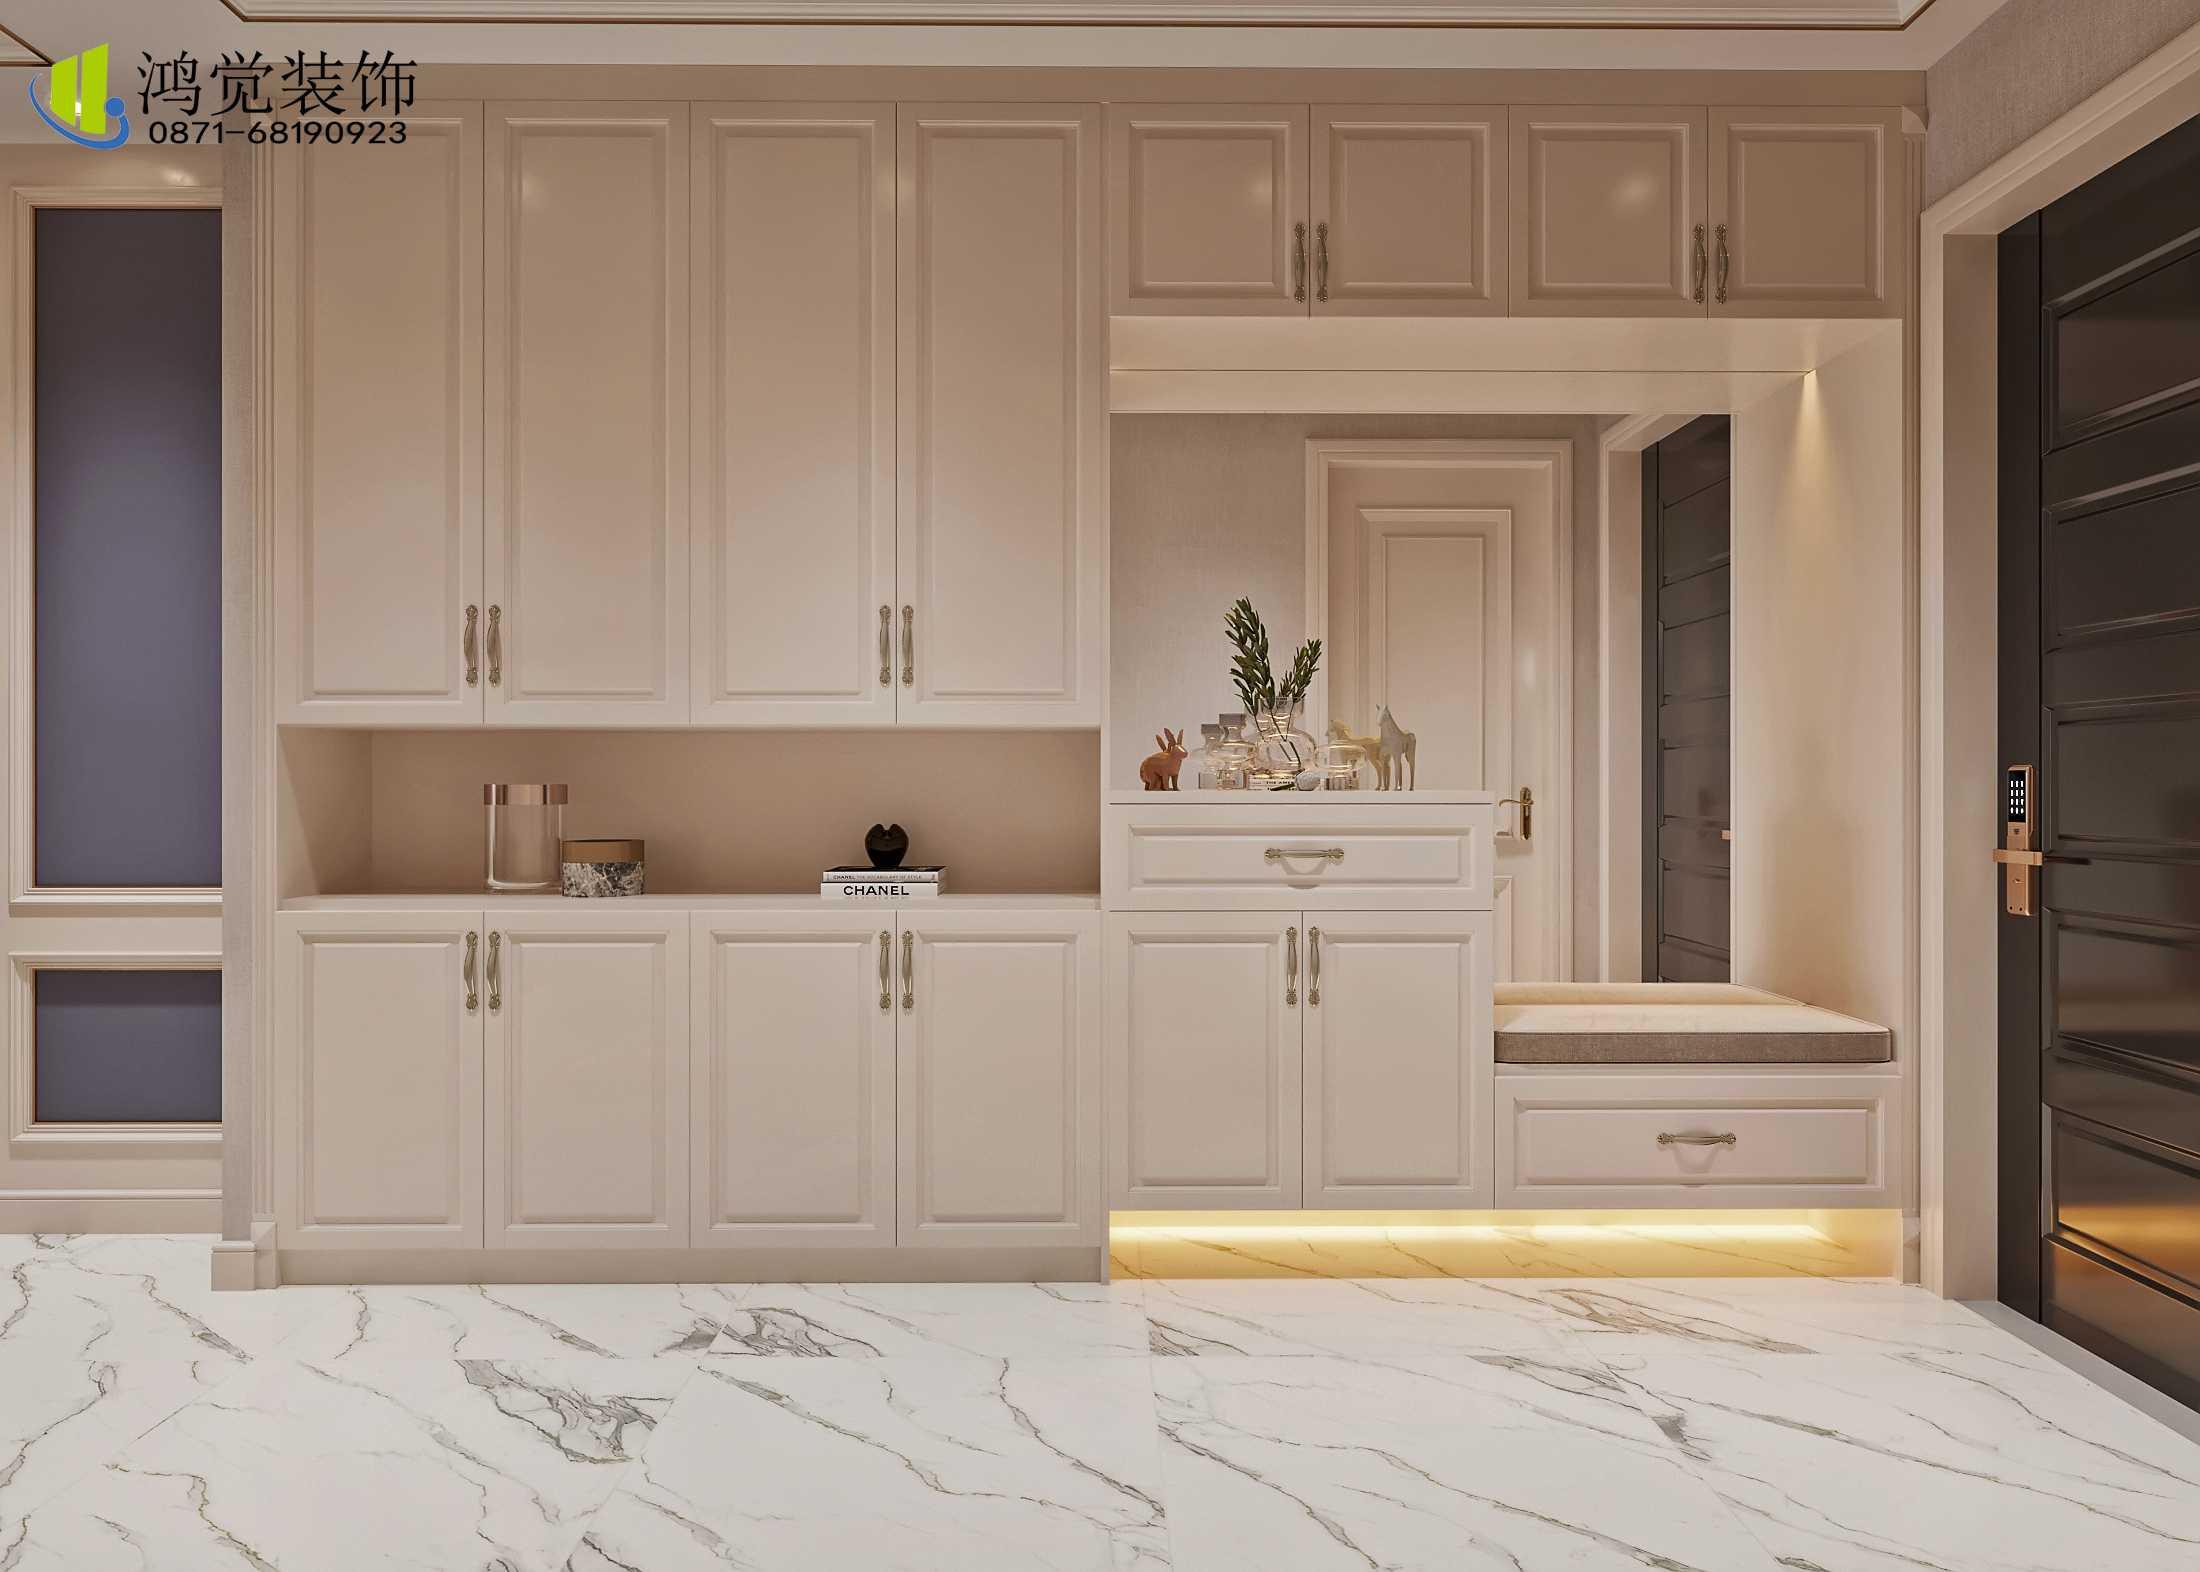 新中式风格装修-鸿觉家庭装修服务-不一样的家装